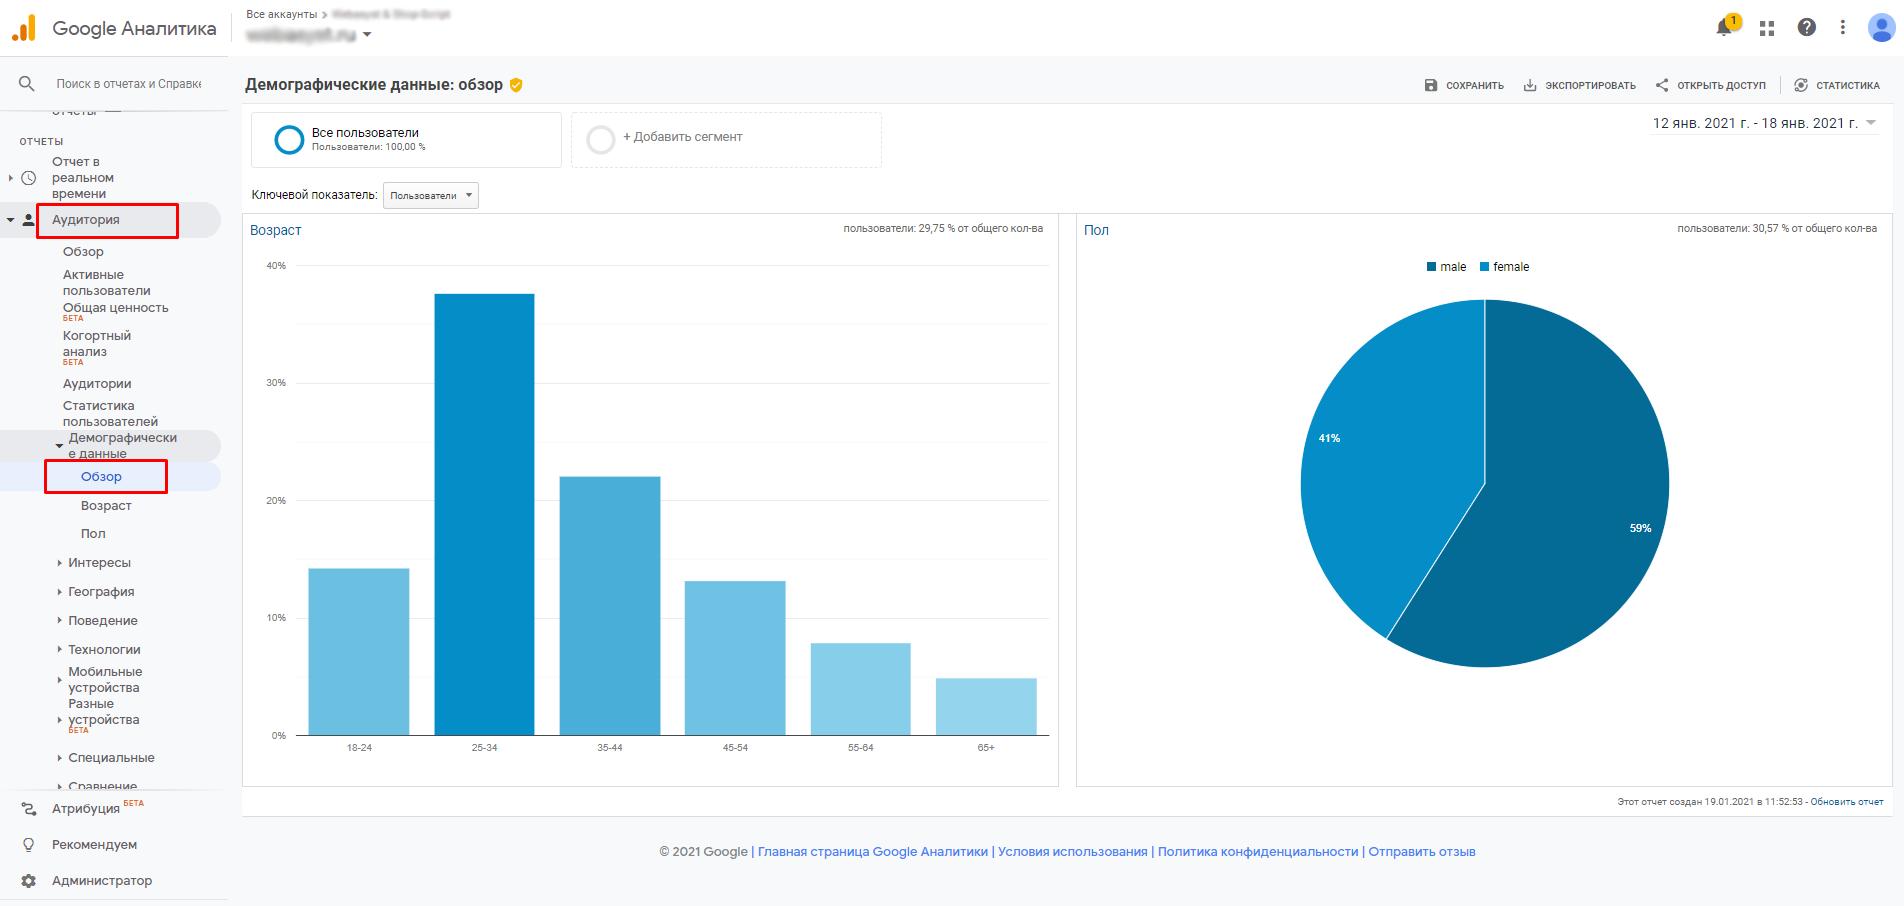 Отчет по демографическим данным Google Analytics